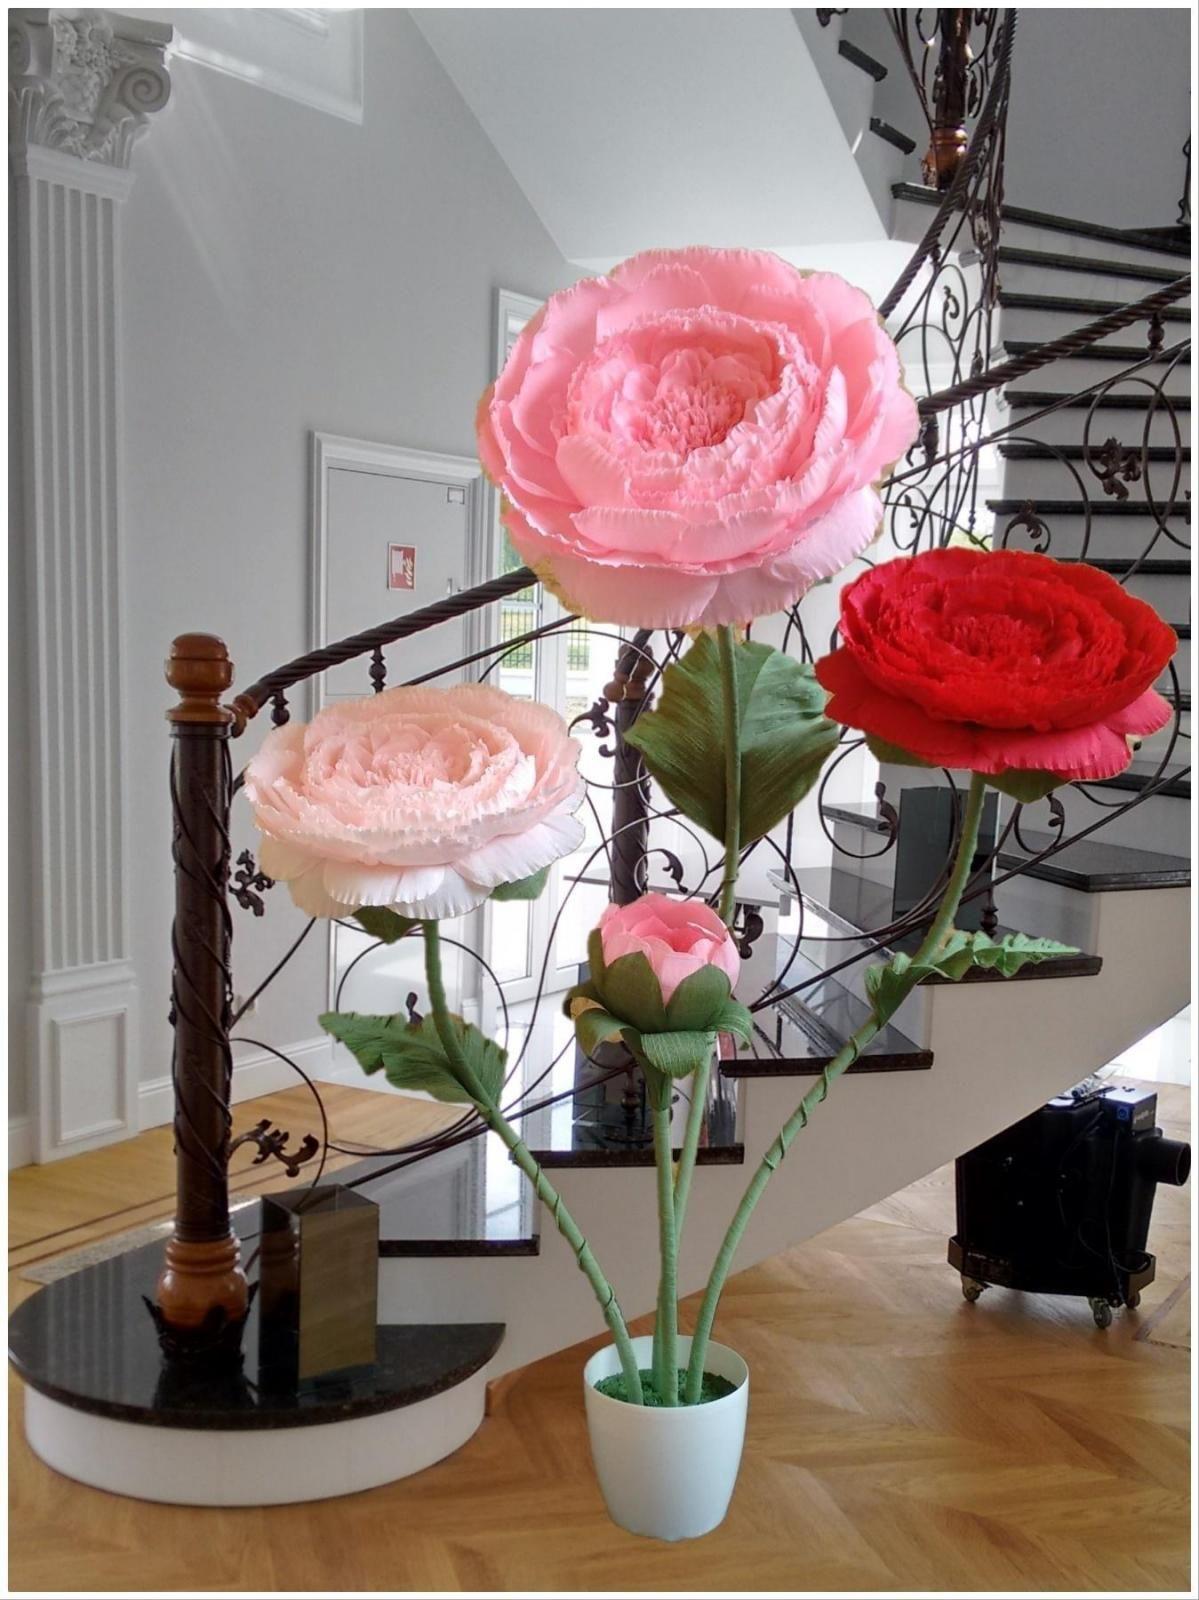 Giant Flowers Kwiaty Giganty Wielkie Kwiaty Crepe Flowers Giant Flowers Decor Display Flower Decorations